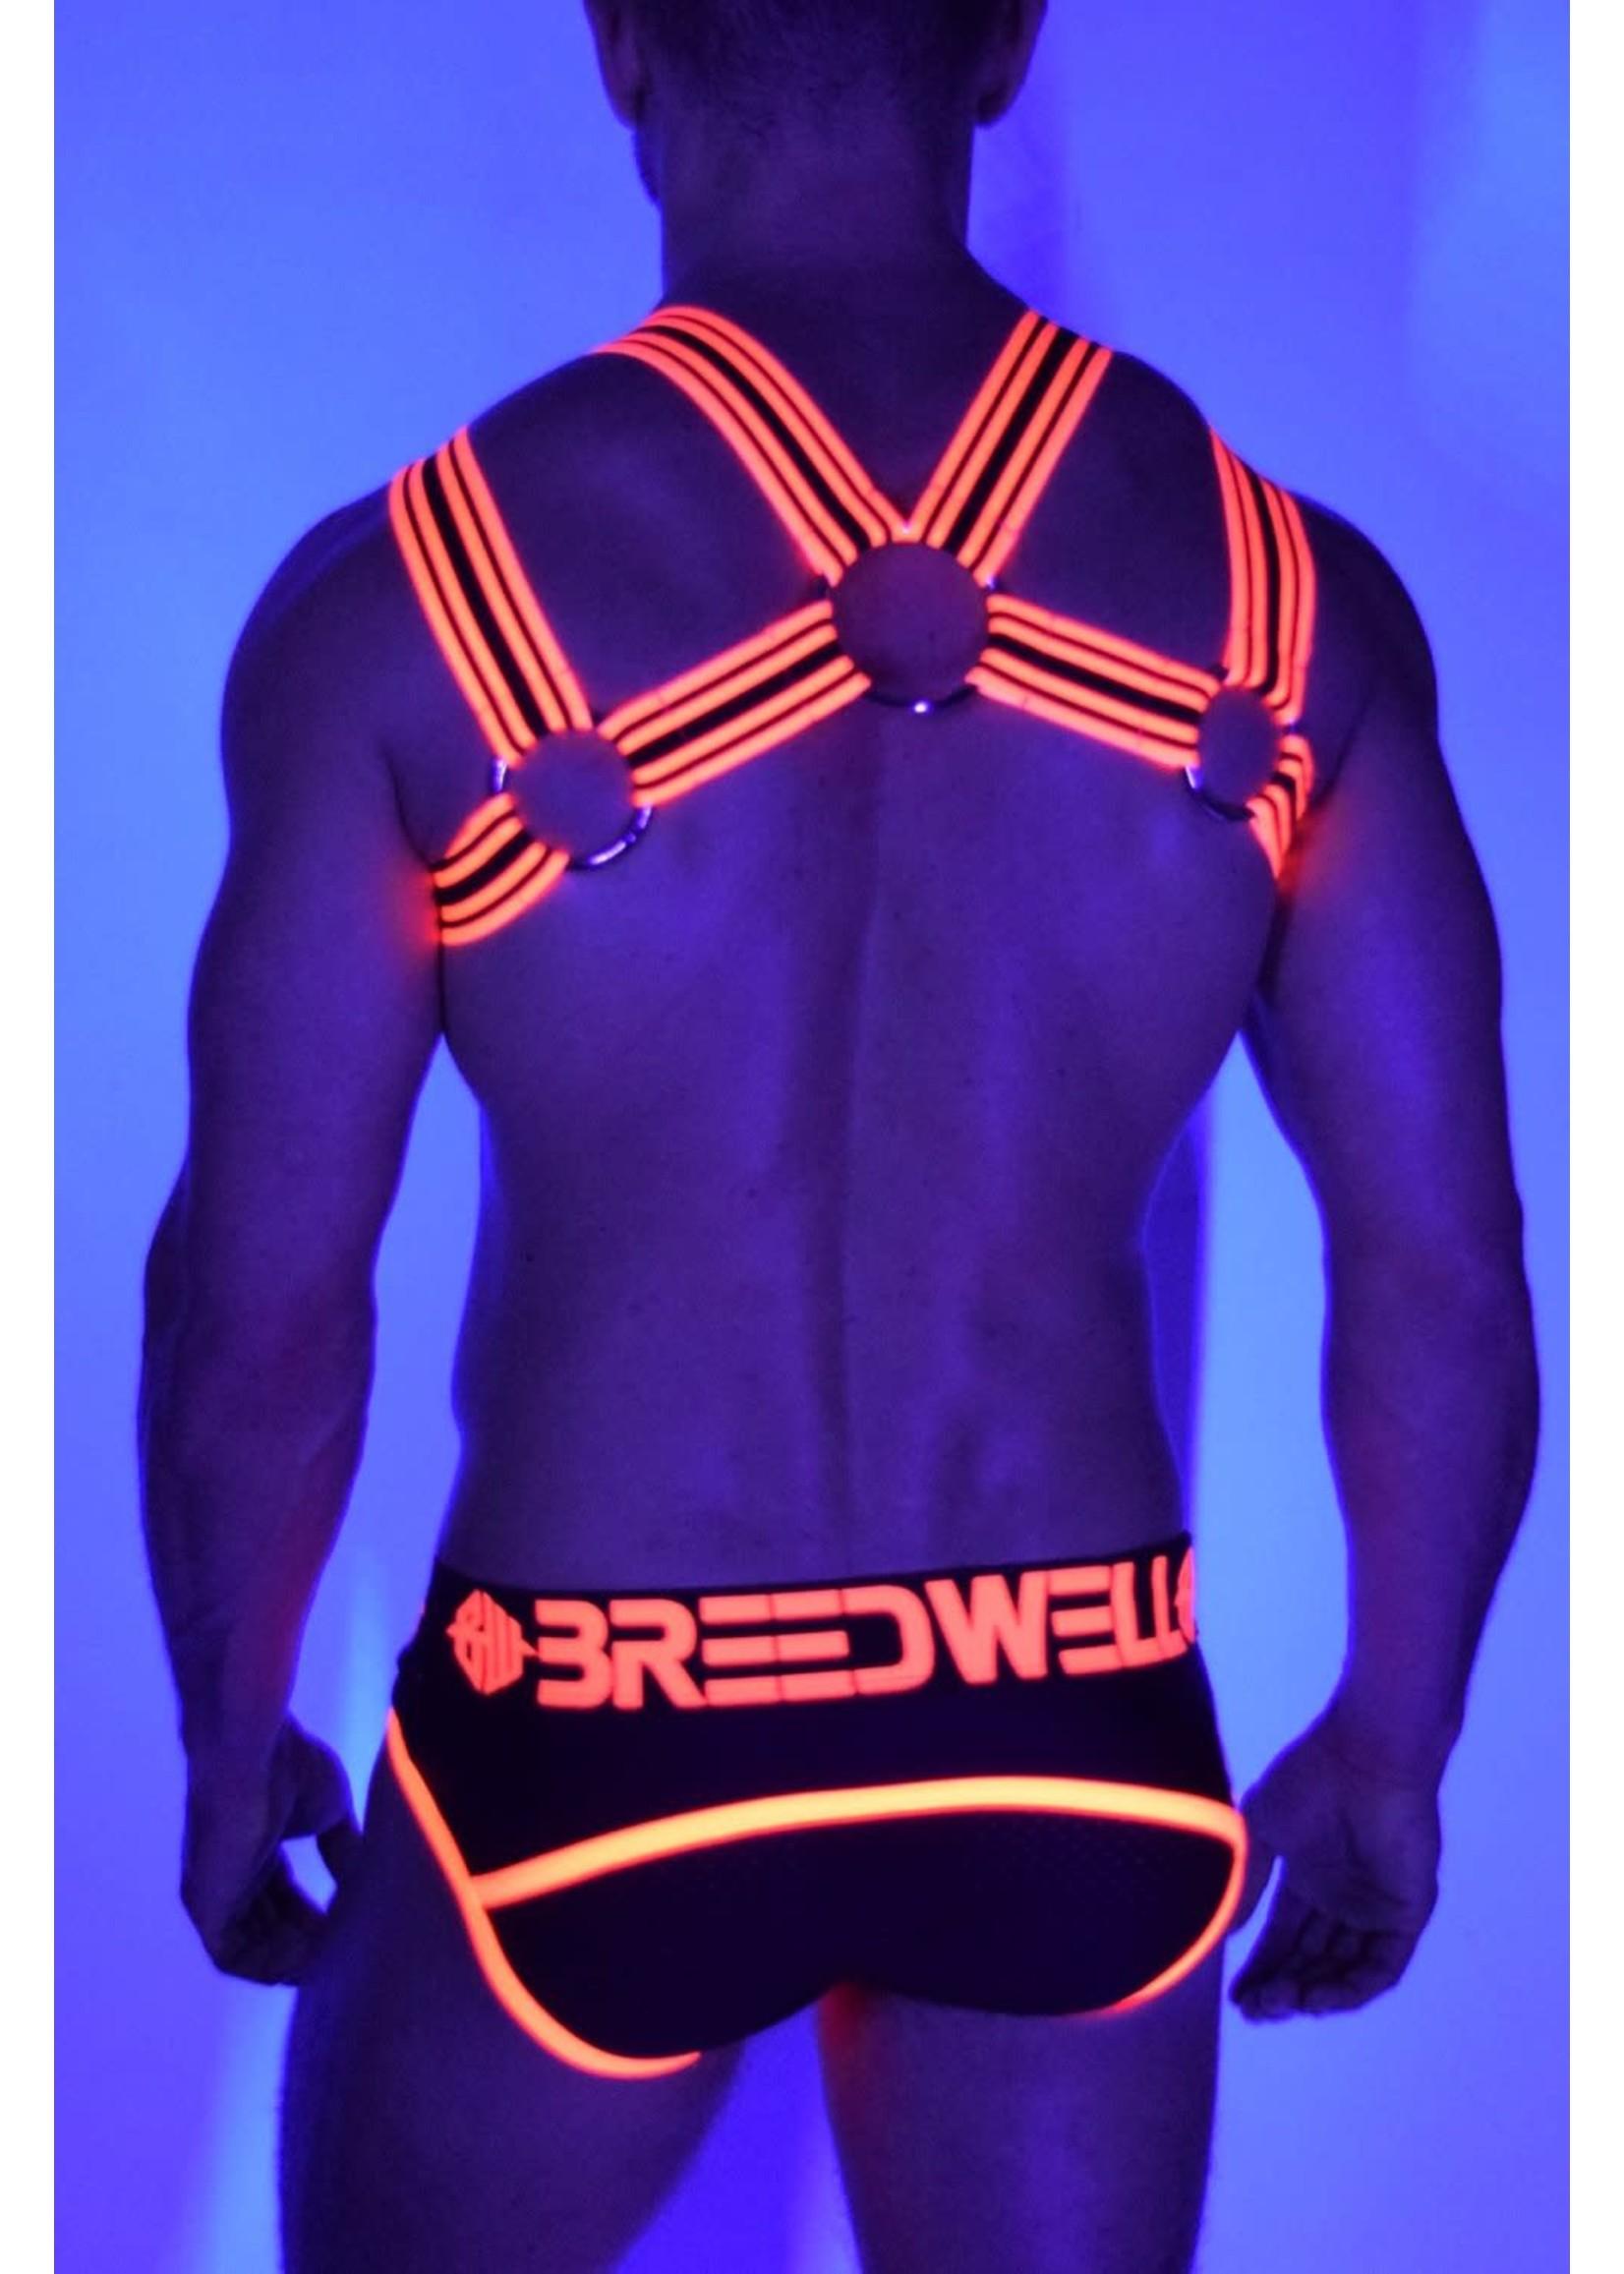 Breedwell Breedwell Blacklight Elastic Base